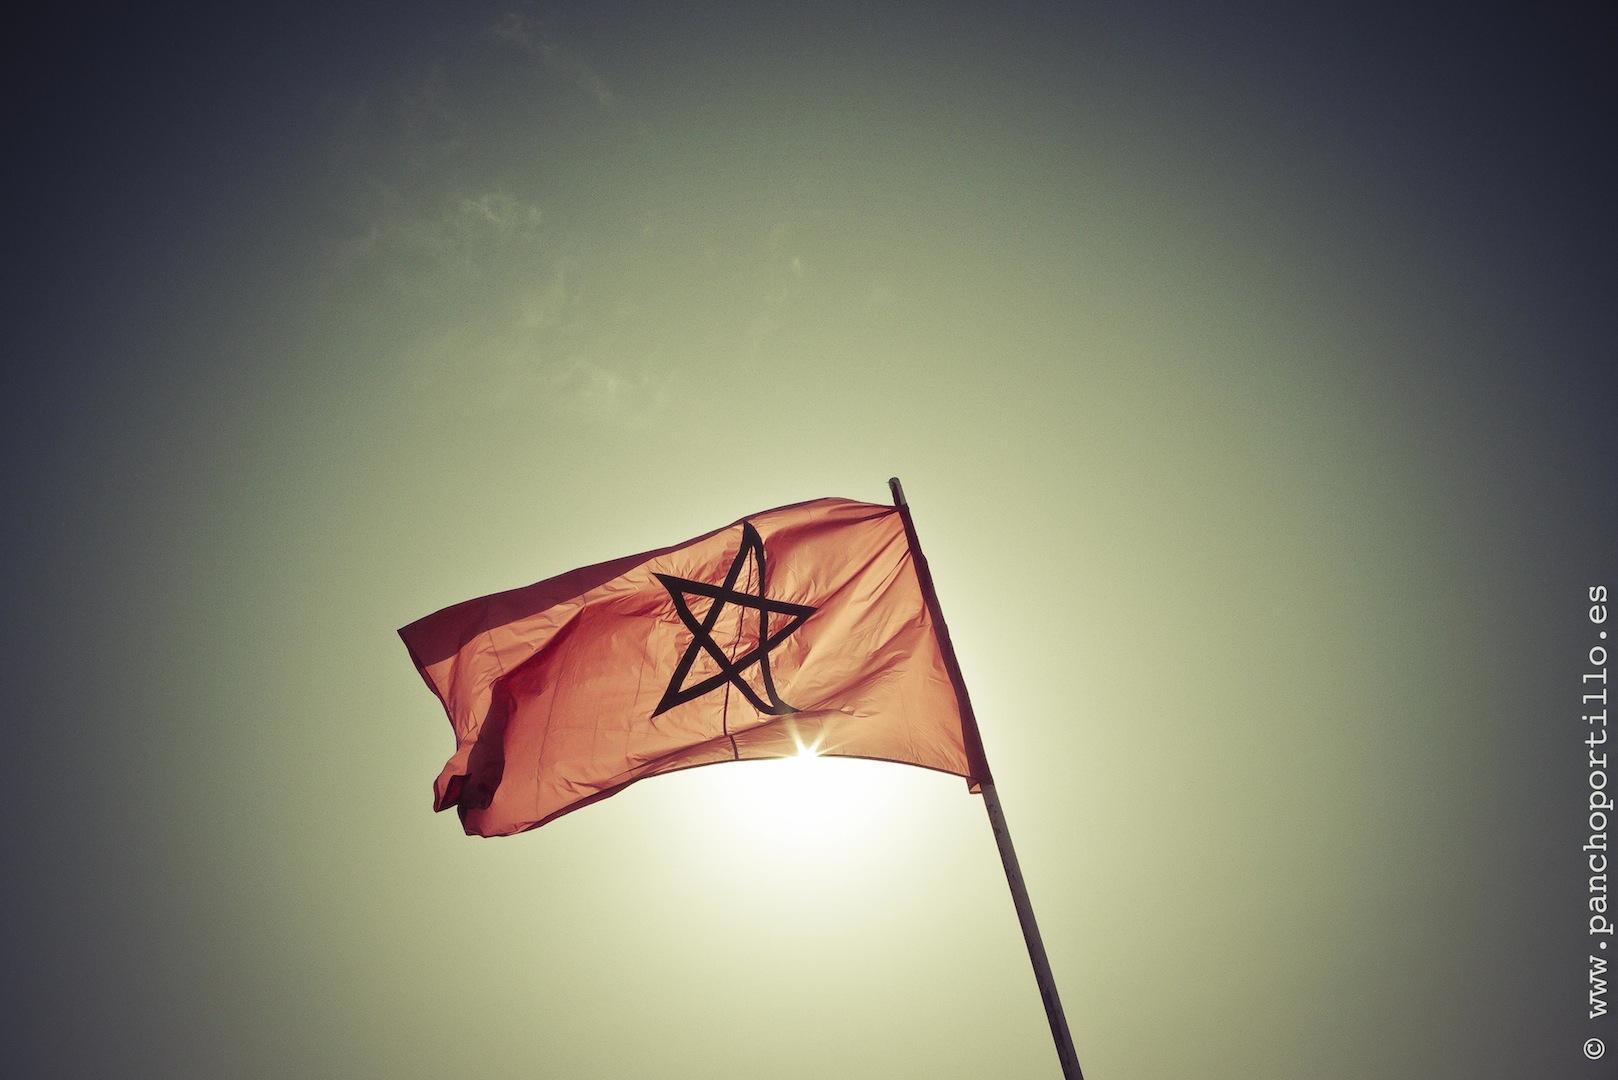 Essaouira-16-L1040297